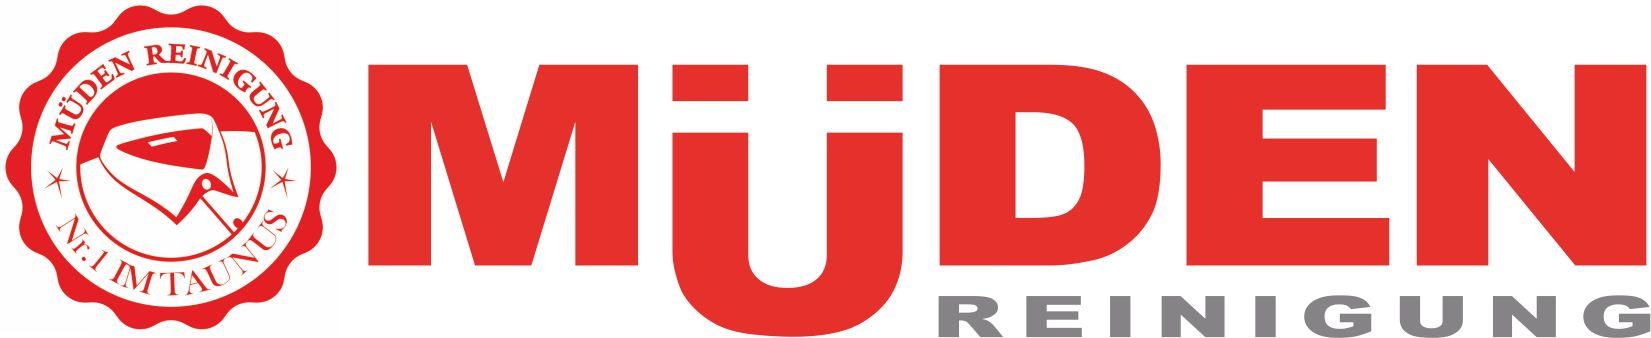 logo-mden-reinigung